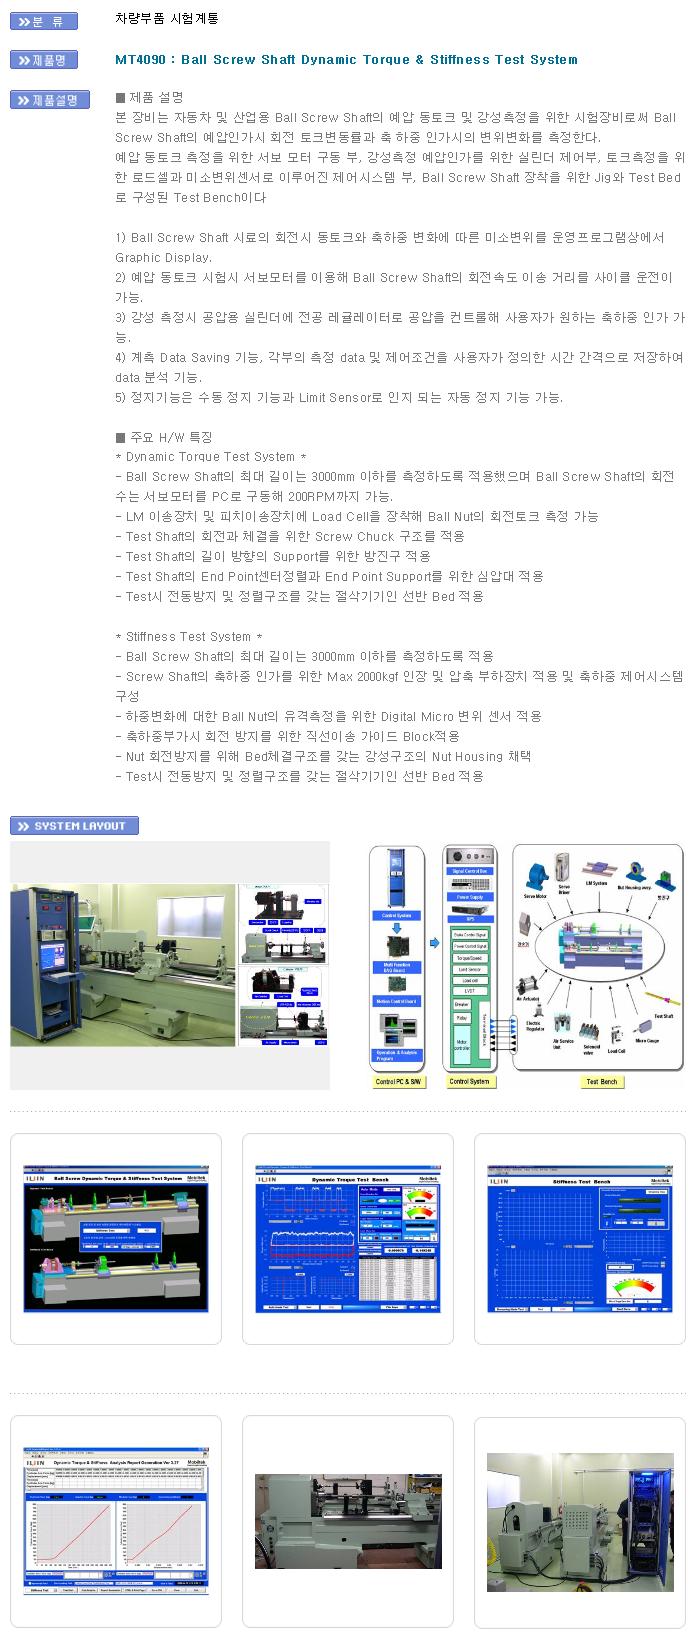 모빌텍 Ball Screw Shaft Dynamic Torque & Stiffness Test System MT4090